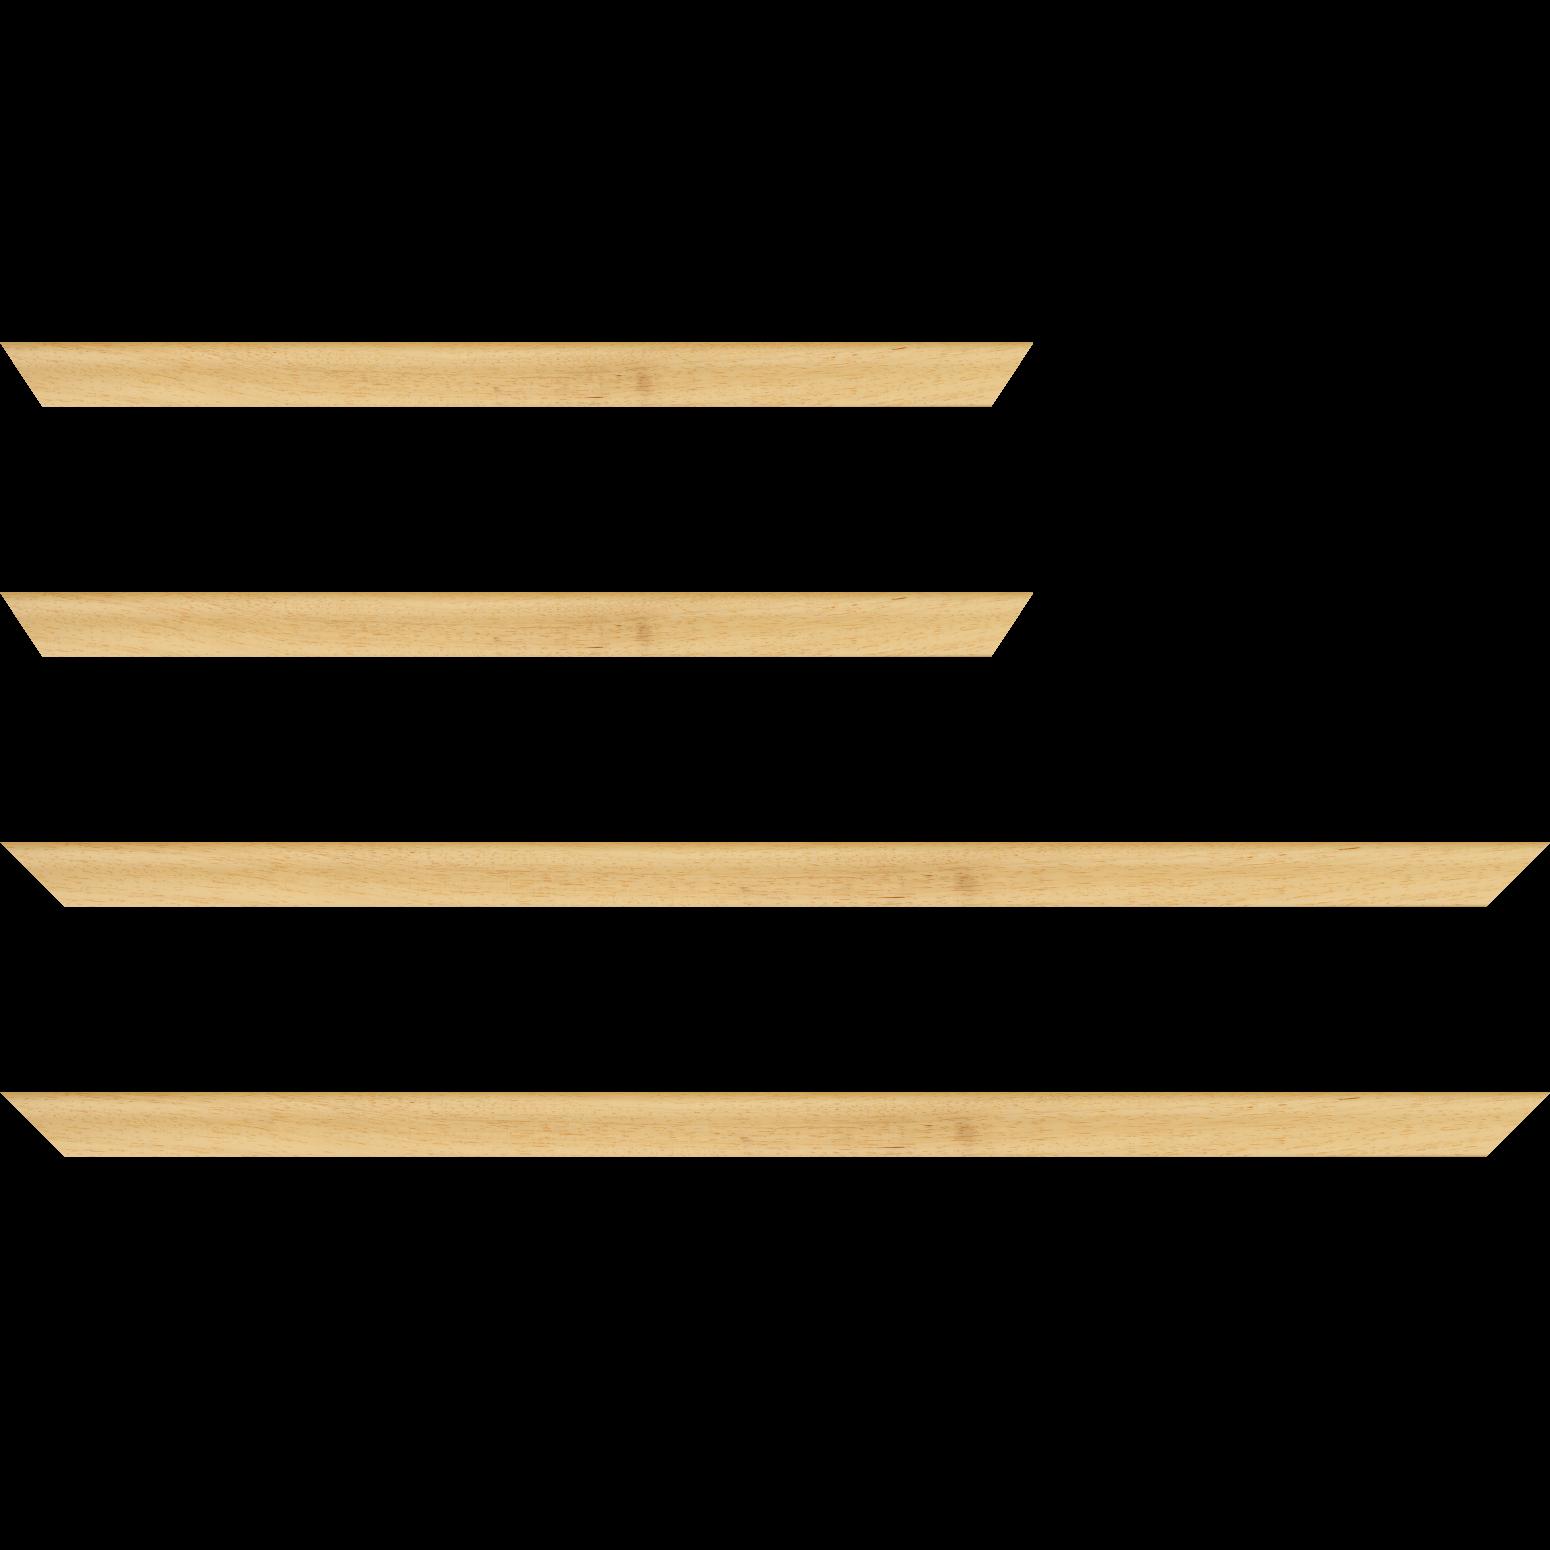 Baguette service précoupé Bois profil incurvé largeur 2.1cm couleur naturel satiné